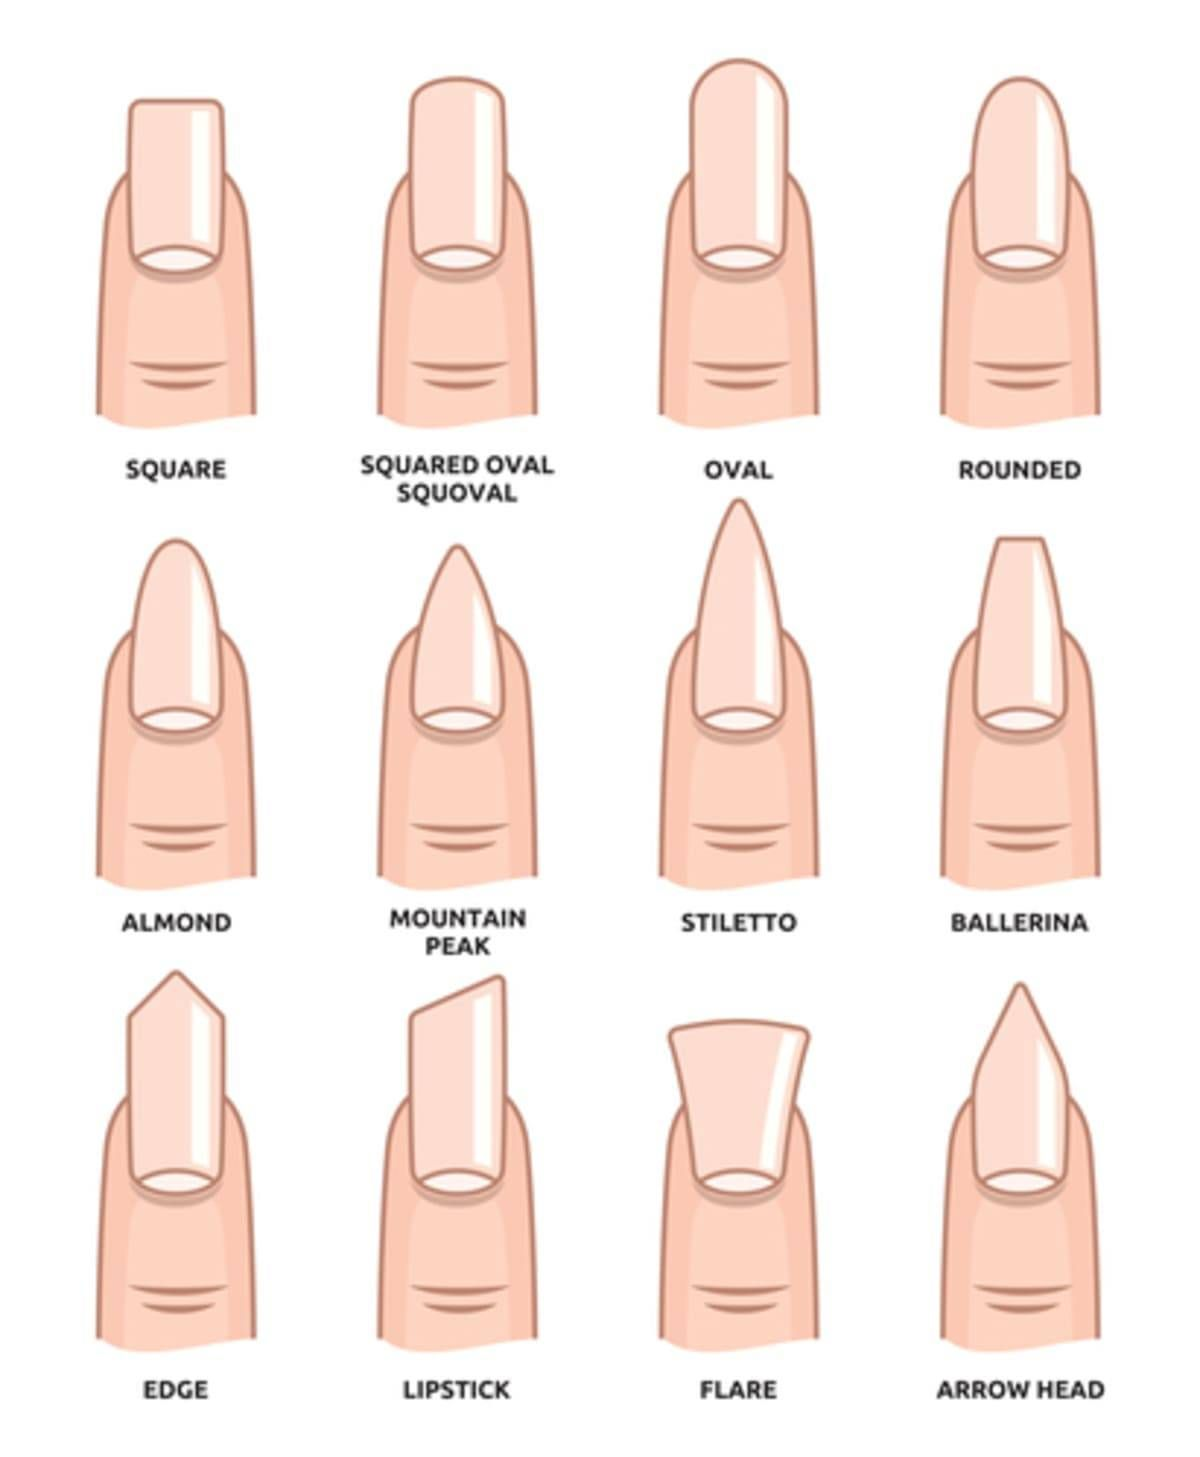 Formas de uñas: ¿qué forma de uñas me conviene? | Guía de formas de uñas 2019